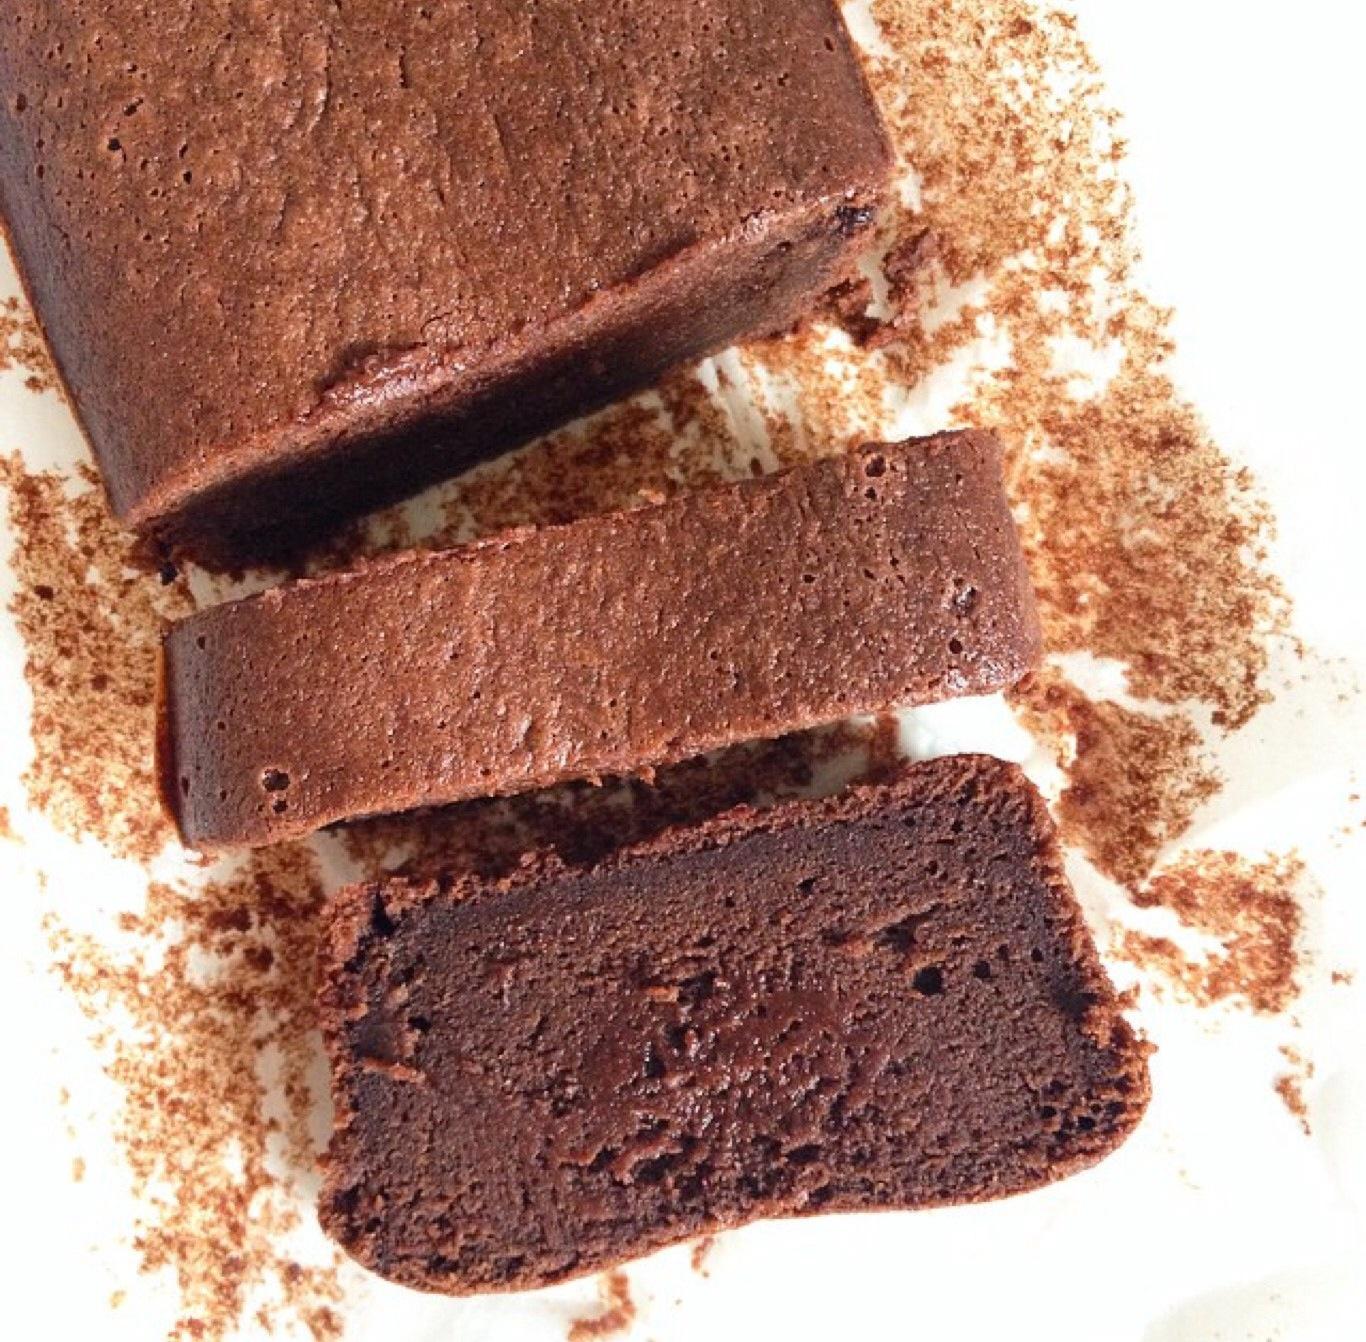 Gateaux au chocolat healthy